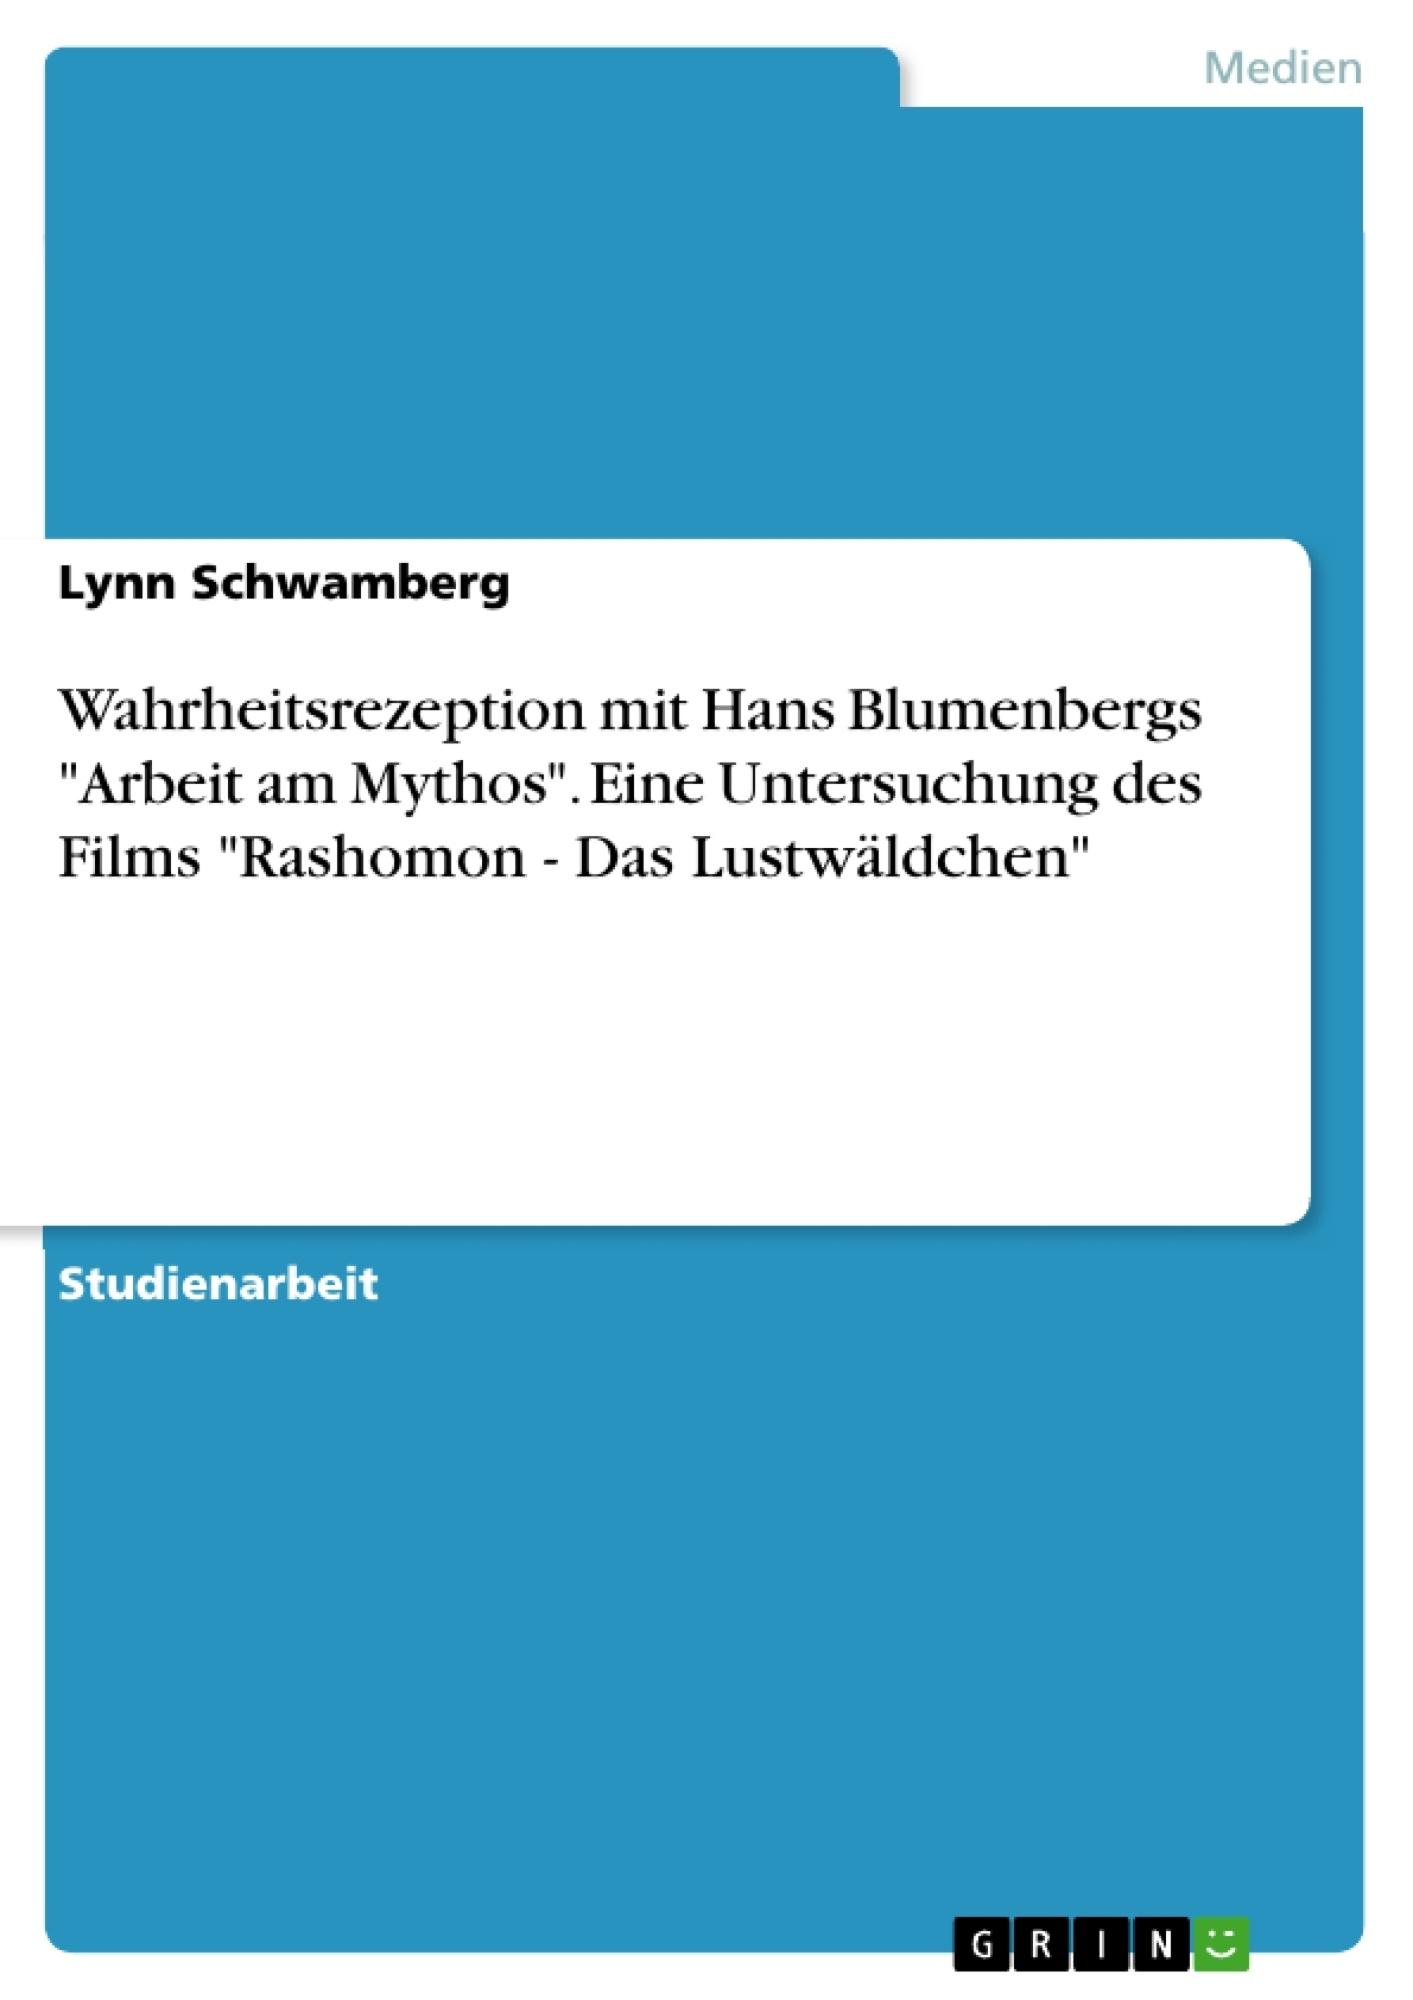 """Titel: Wahrheitsrezeption mit Hans Blumenbergs """"Arbeit am Mythos"""". Eine Untersuchung des Films """"Rashomon - Das Lustwäldchen"""""""